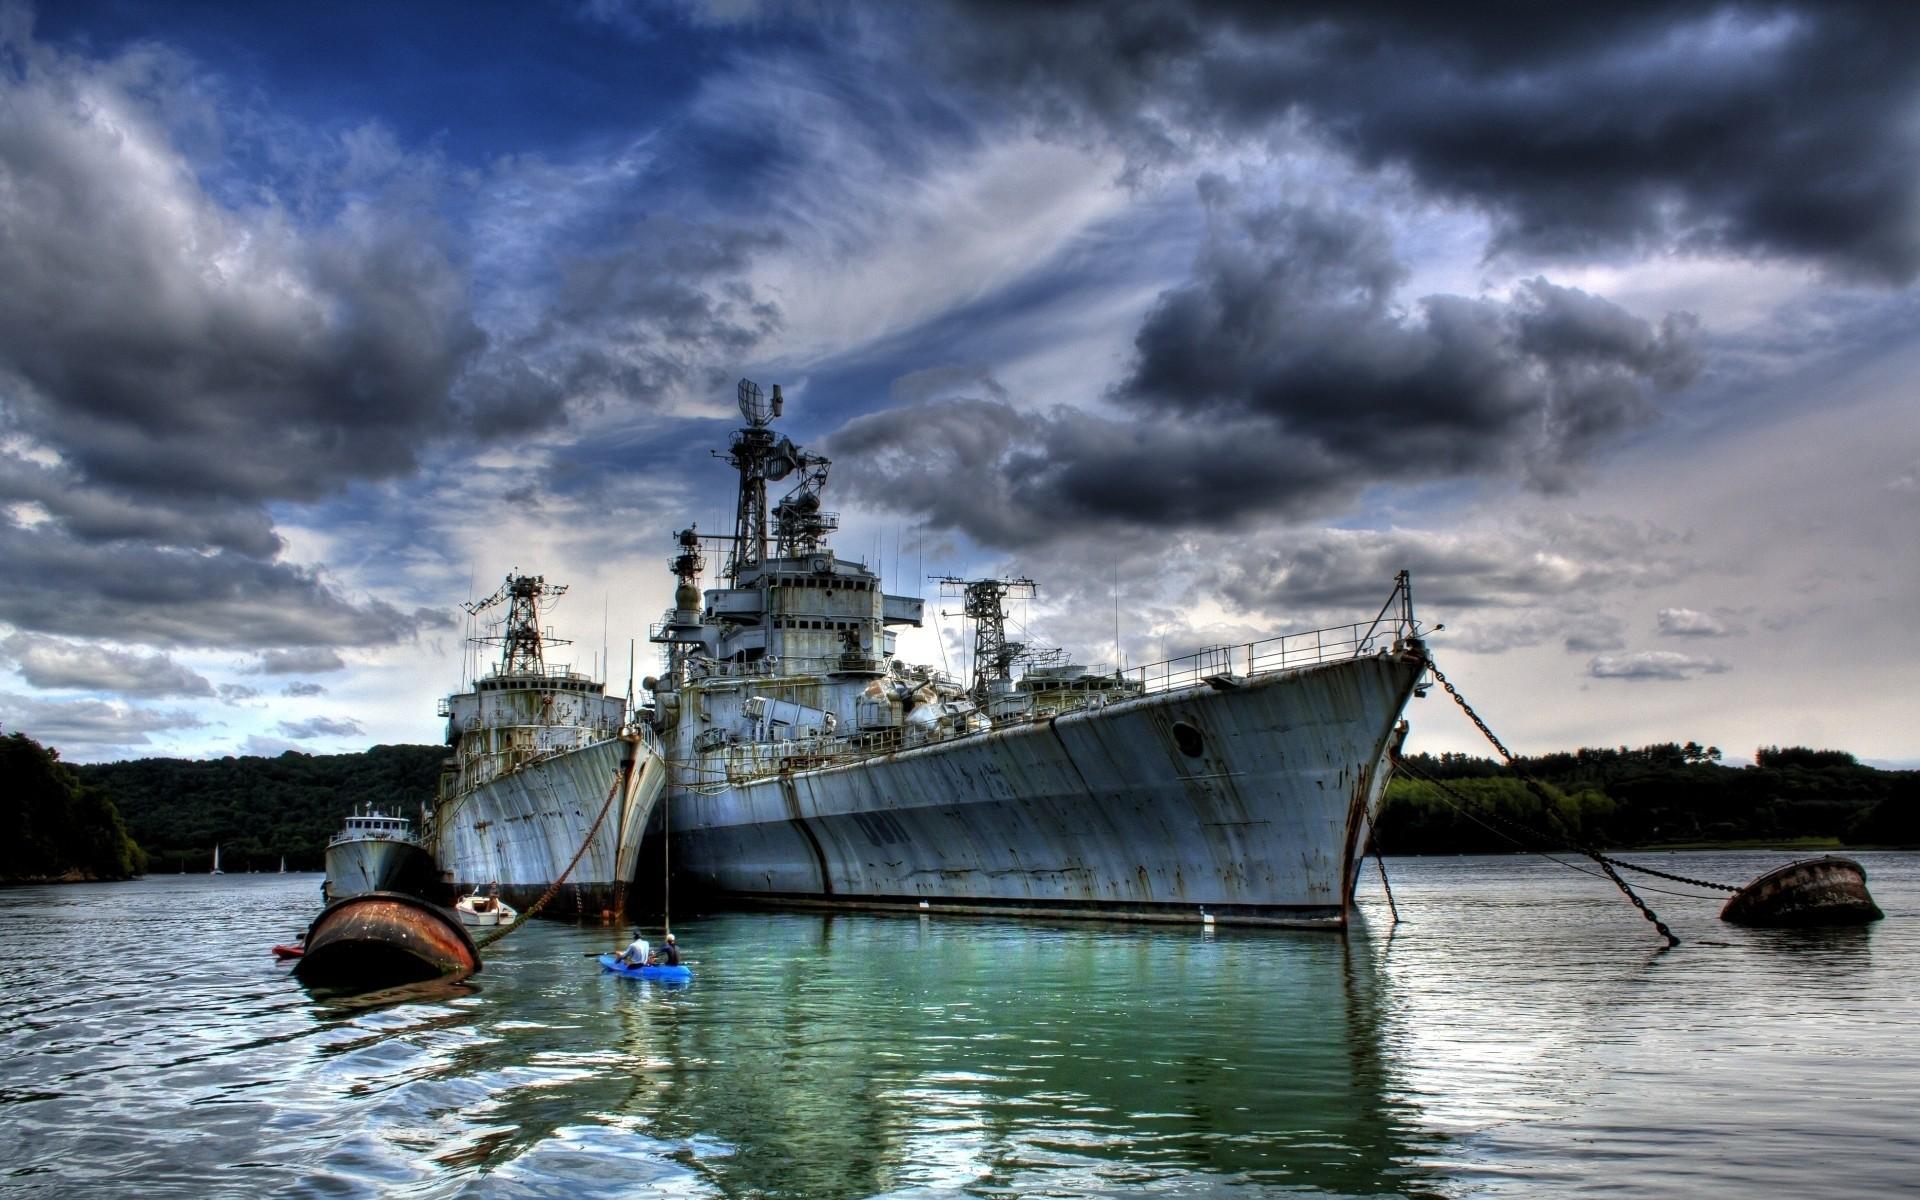 бесплатный онлайн фото военного корабля обои на рабочий стол все выбрали